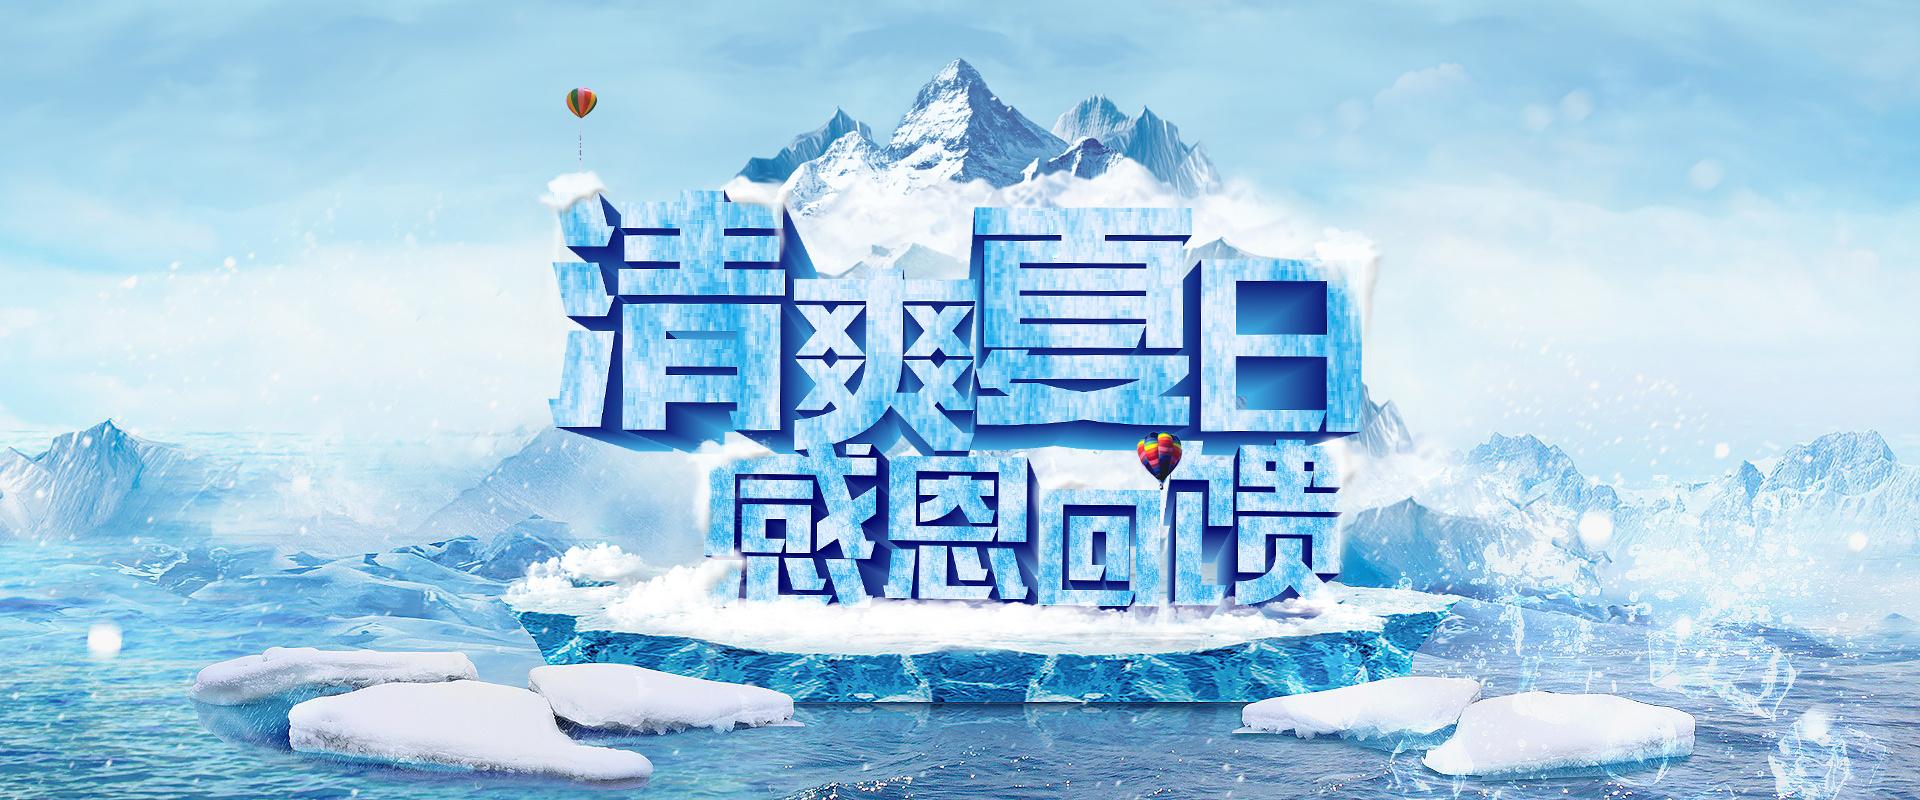 夏日冰山活动海报